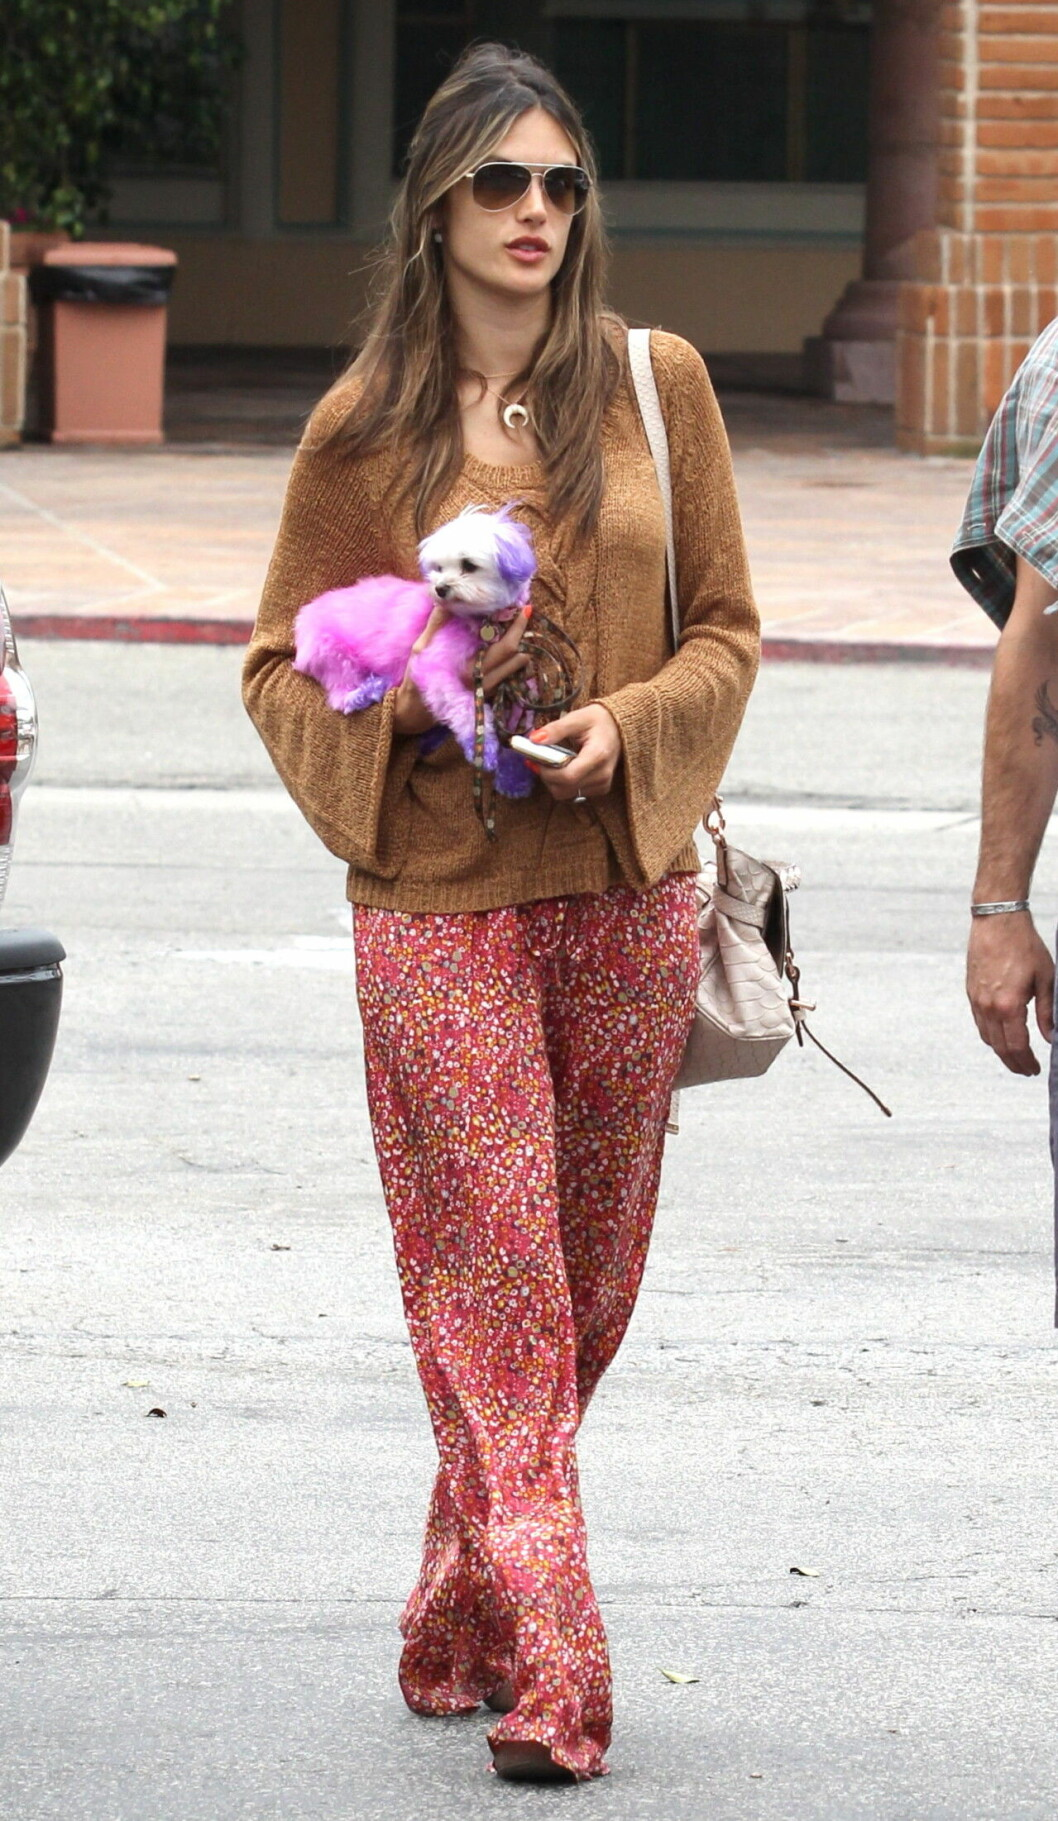 Alessandra Ambrosio med hunden som hon färgade pälsen på 2012.